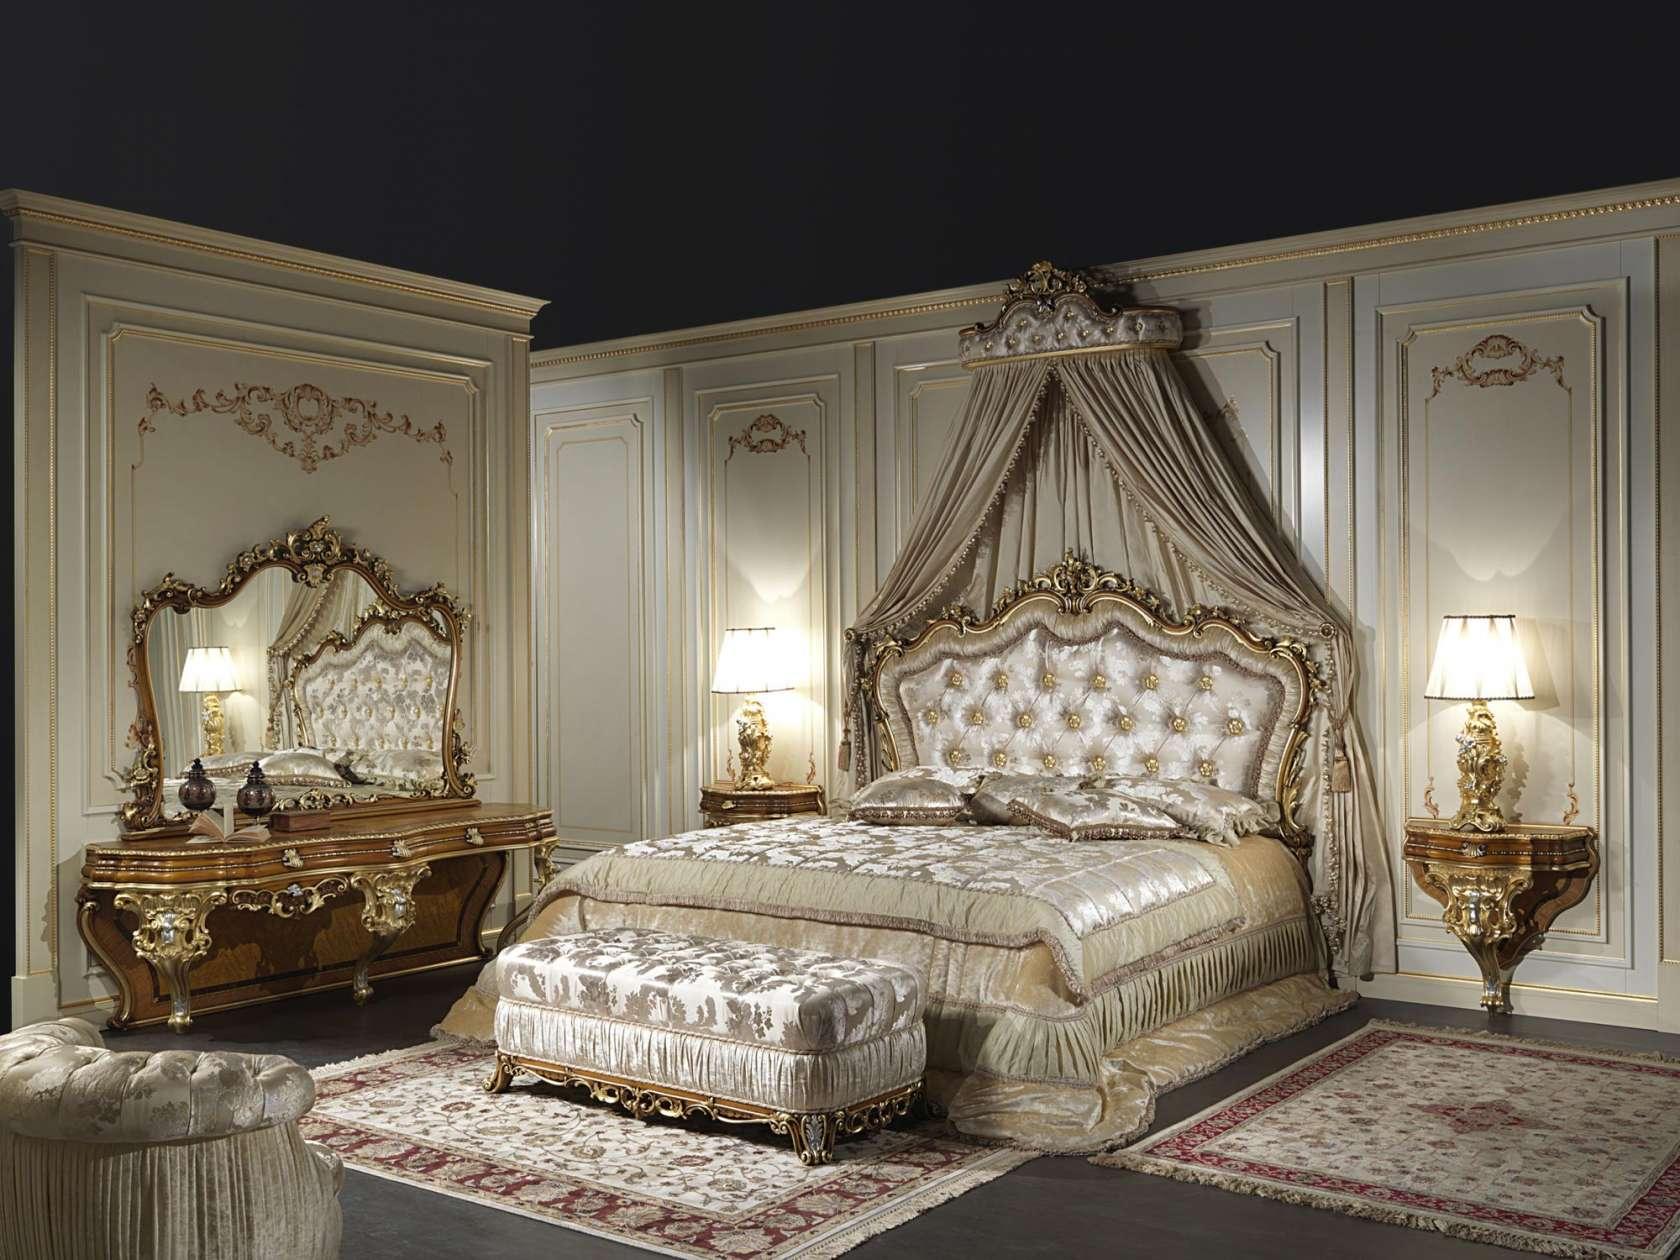 Классическая двуспальная кровать в стиле барокко